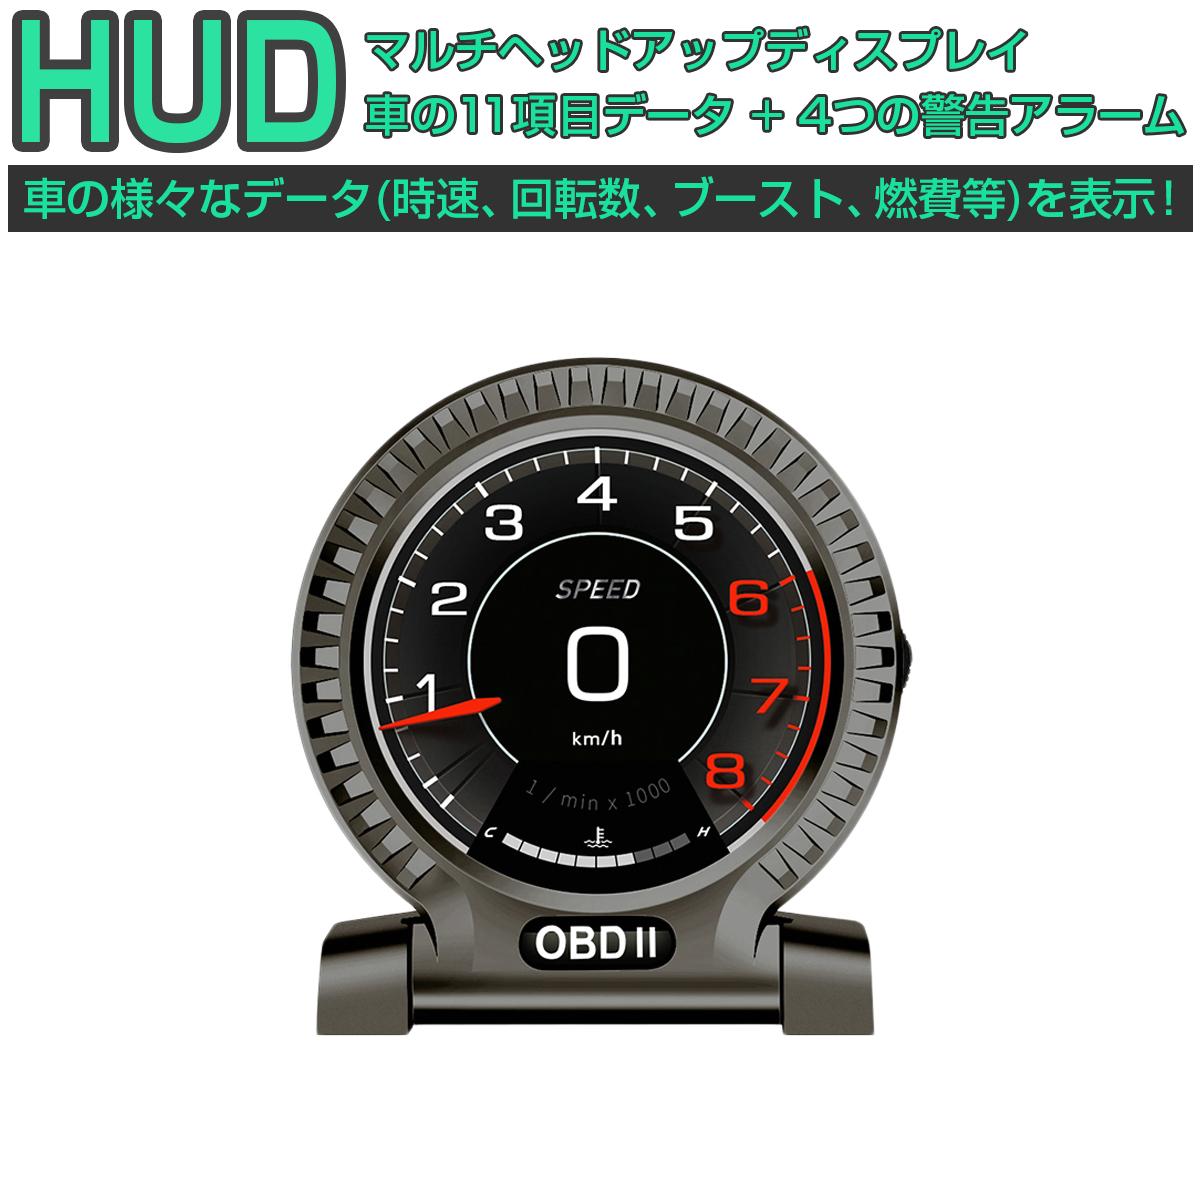 ヘッドアップディスプレイ HUD F10 OBD2接続 速度計 車 11の機能+4つの警告アラーム 複数接続でマルチディスプレイ化が可能 タコメーター 水温計 バッテリー電圧 燃費 油圧 油温 ブースト計 バキューム計 マルチディスプレイメーター MDM 宅配便送料無料 6ヶ月保証